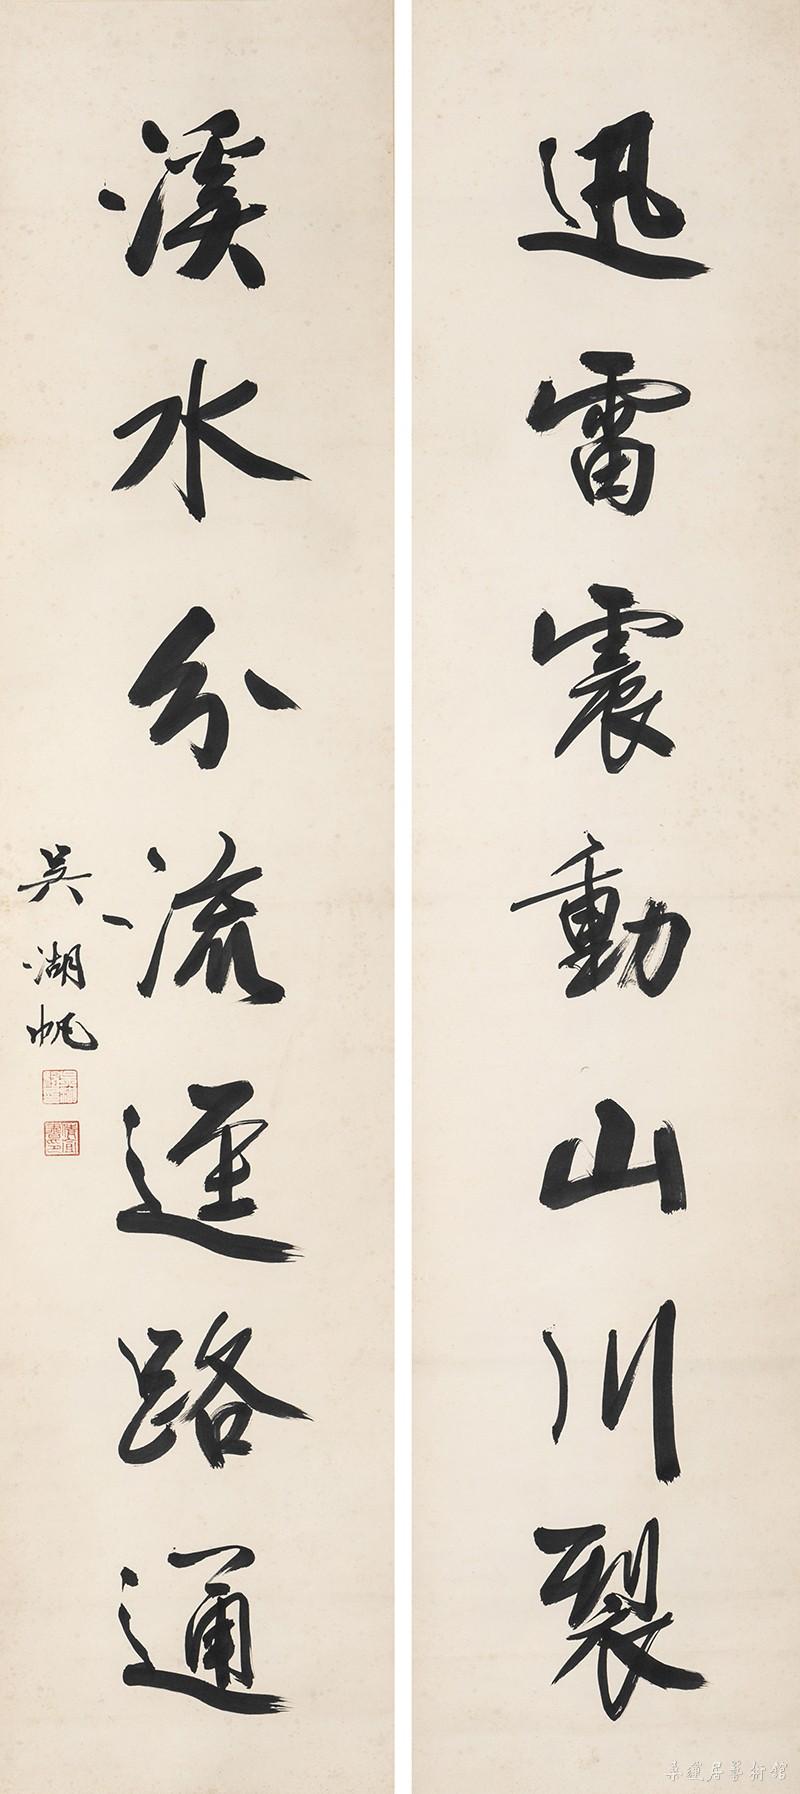 吴湖帆 IMG_0221 缩图